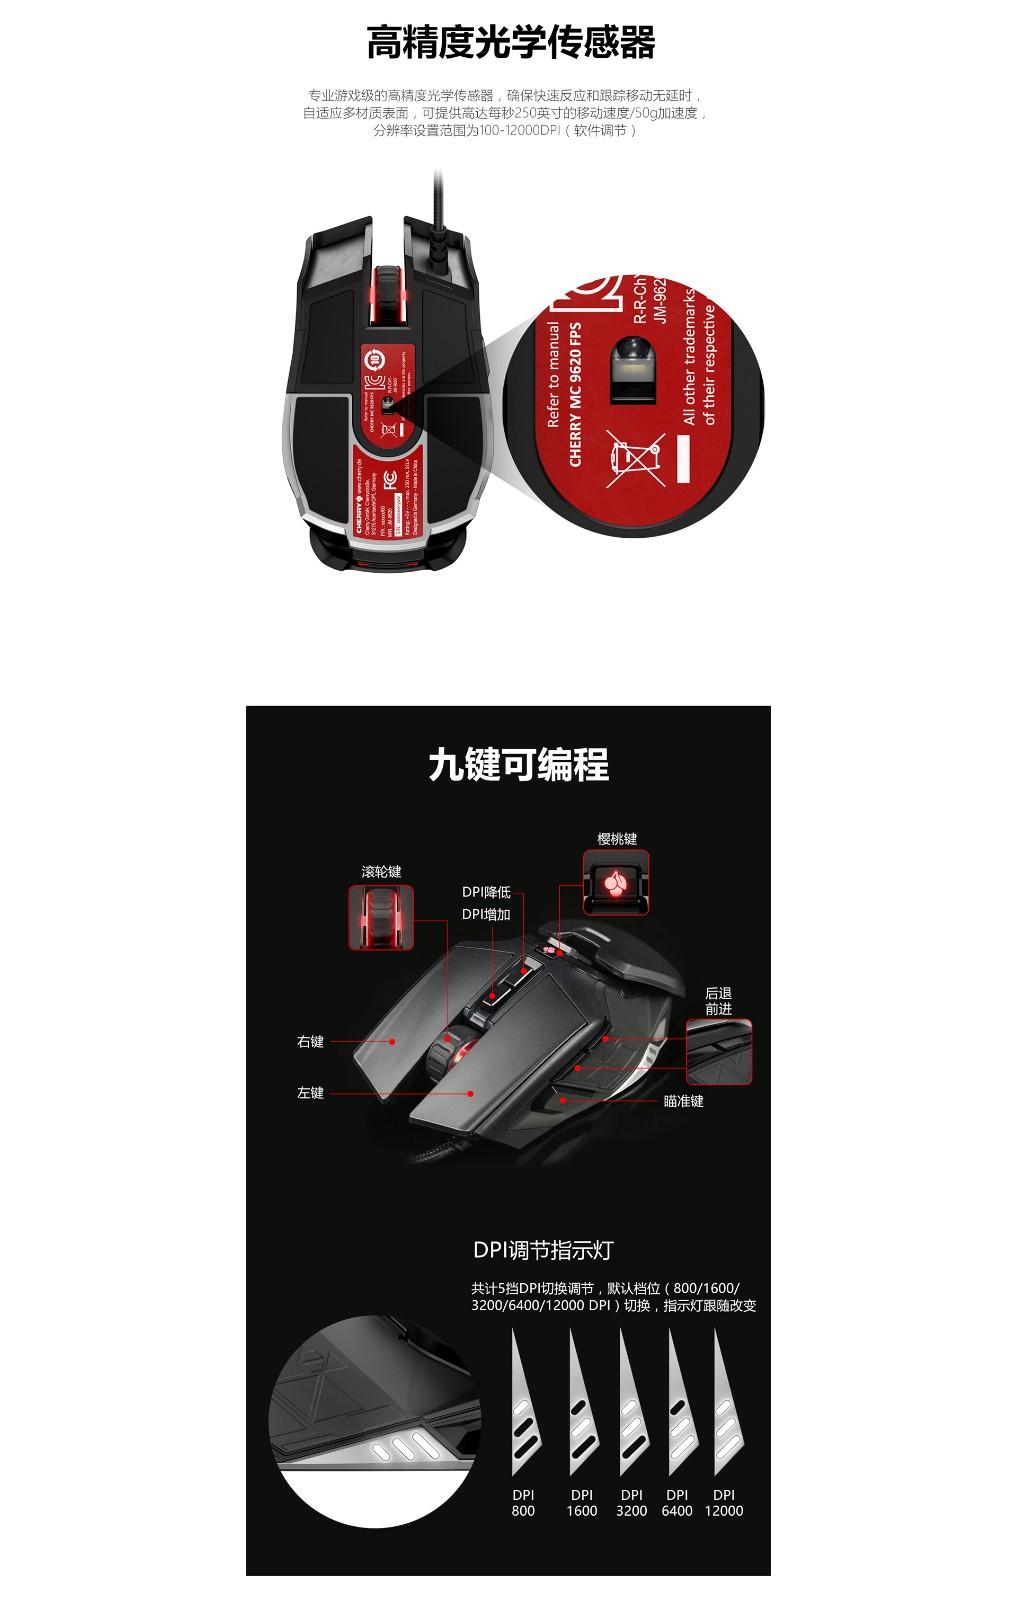 MC9620鼠标详情页3.jpg